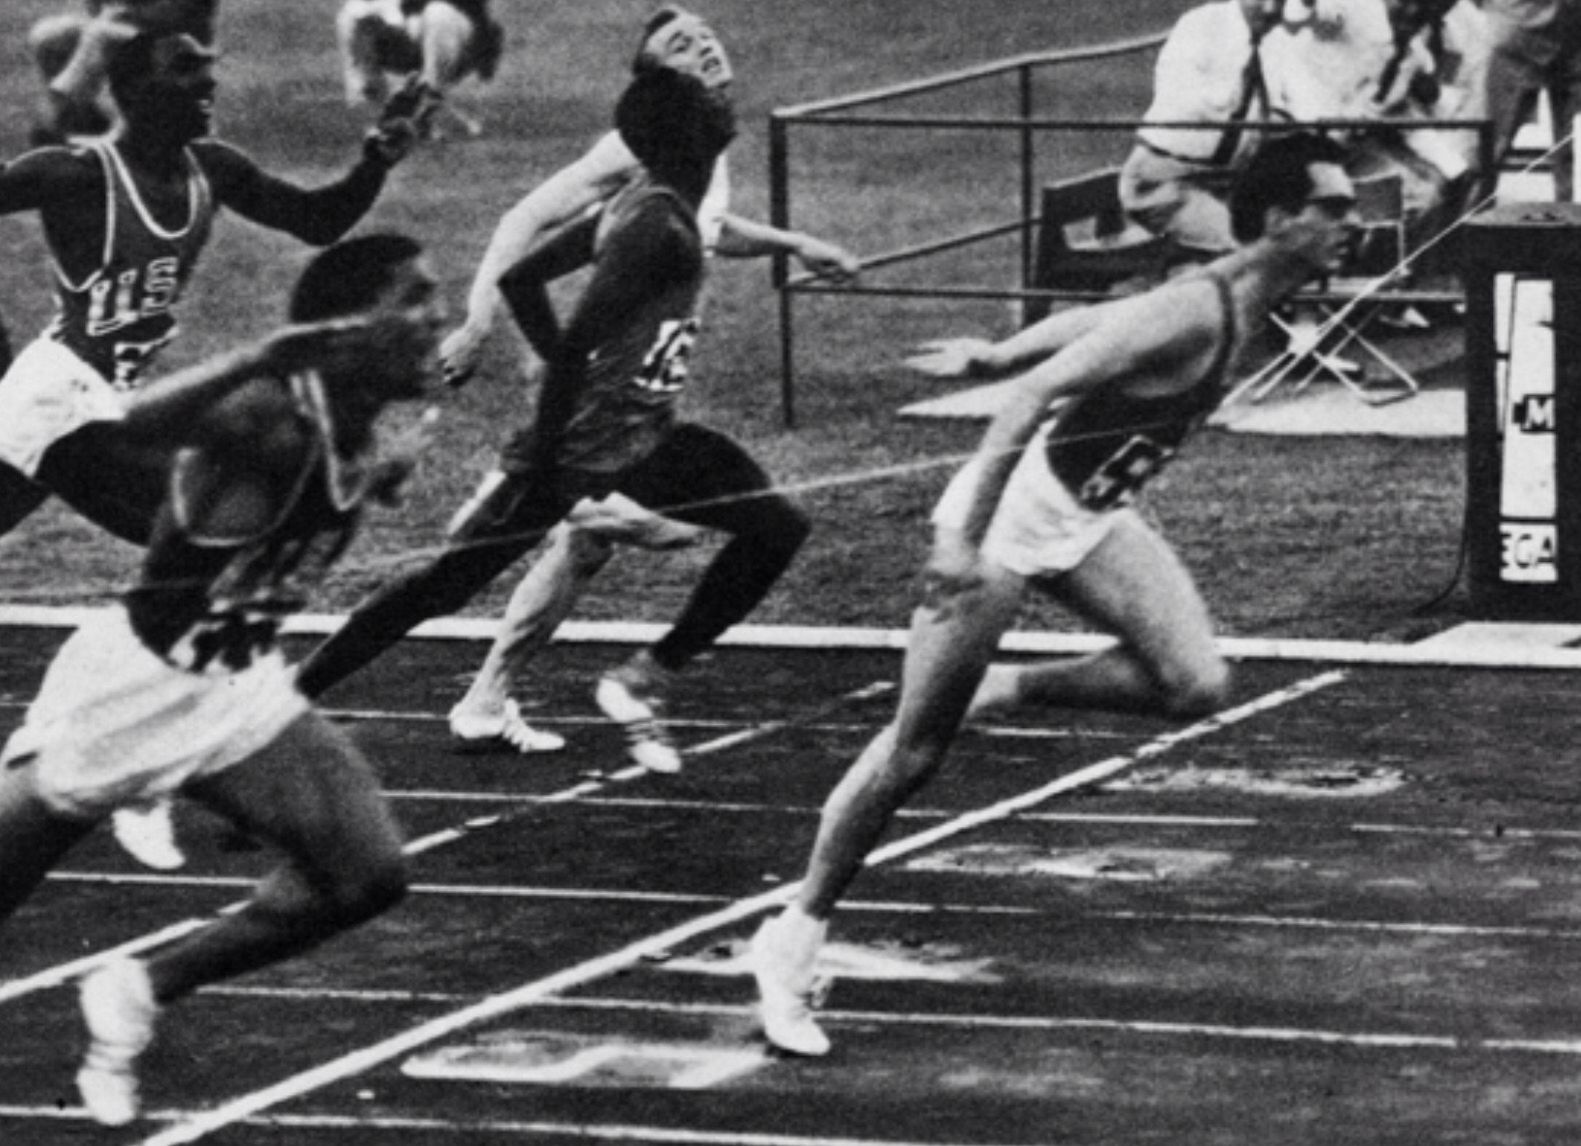 Livio Berruti (ITA). Campeón olímpico de 200 m en Roma '60 con 20,5s. (Récord mundial y R.O.) y quinto en Tokio'64. Récord de Europa de 100 lisos (10,2s) y de 200 lisos (20,5s) en 1960. Catorce veces campeón nacional italiano, seis en 100 lisos y 8 en 200 metros (entre 1957 y 1968)